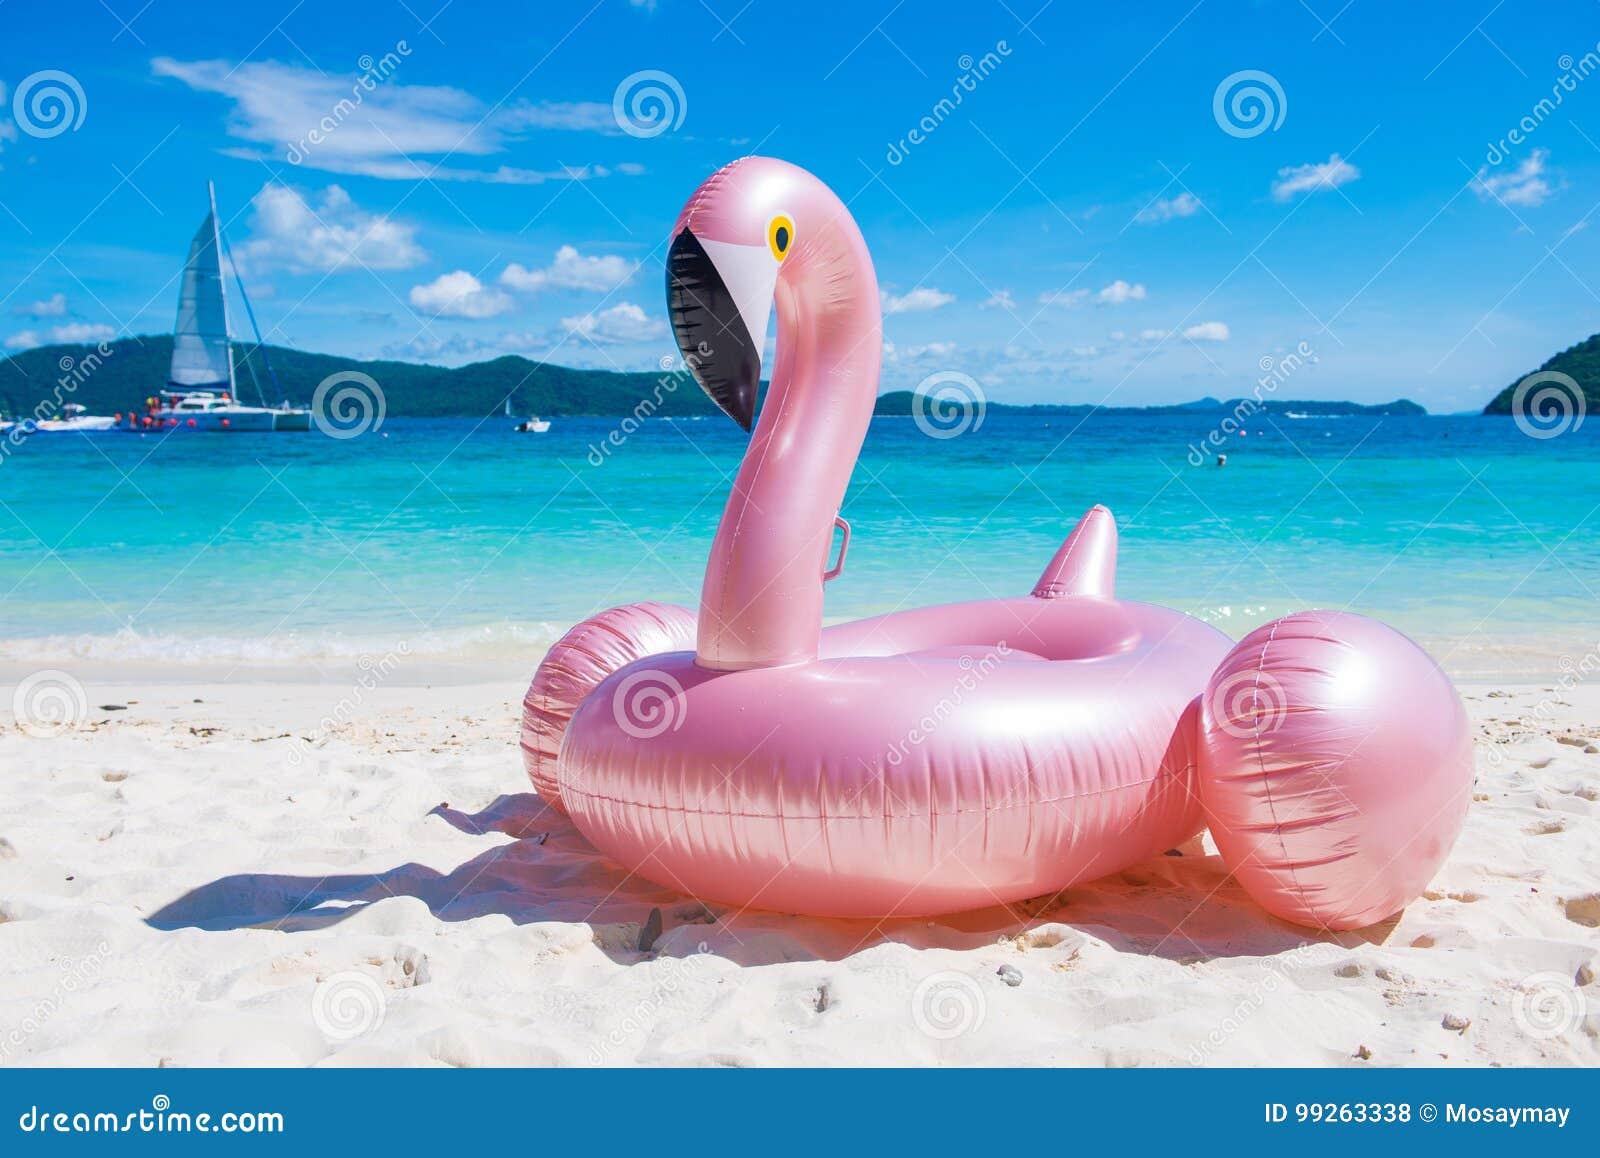 Гигантская раздувная розовая игрушка поплавка бассейна фламинго на тропическом